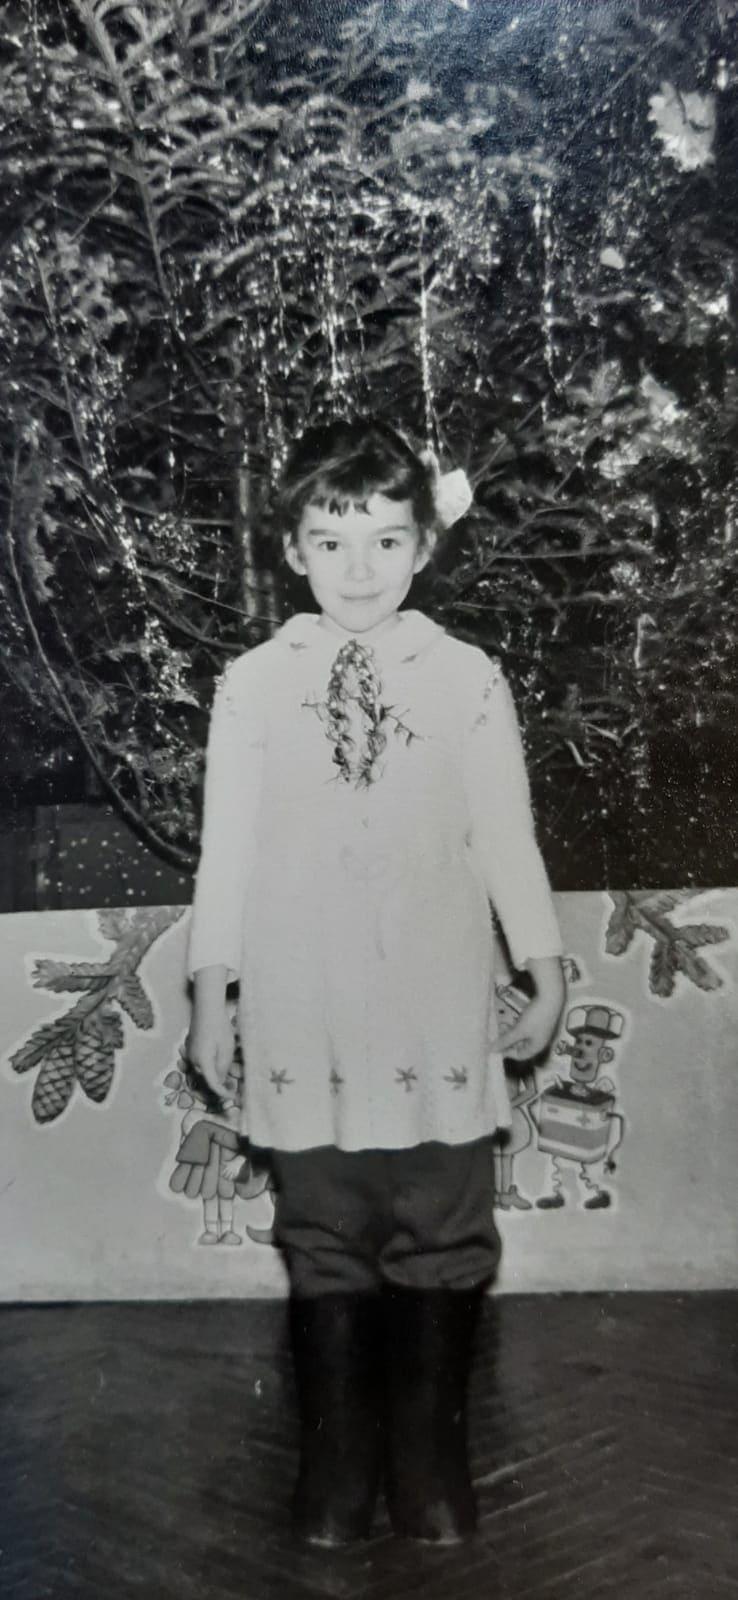 אירה טולצ'ין אימרגליק חוגגת נובי גוד בגיל 5, ב-1985 (צילום: האלבום המשפחתי)